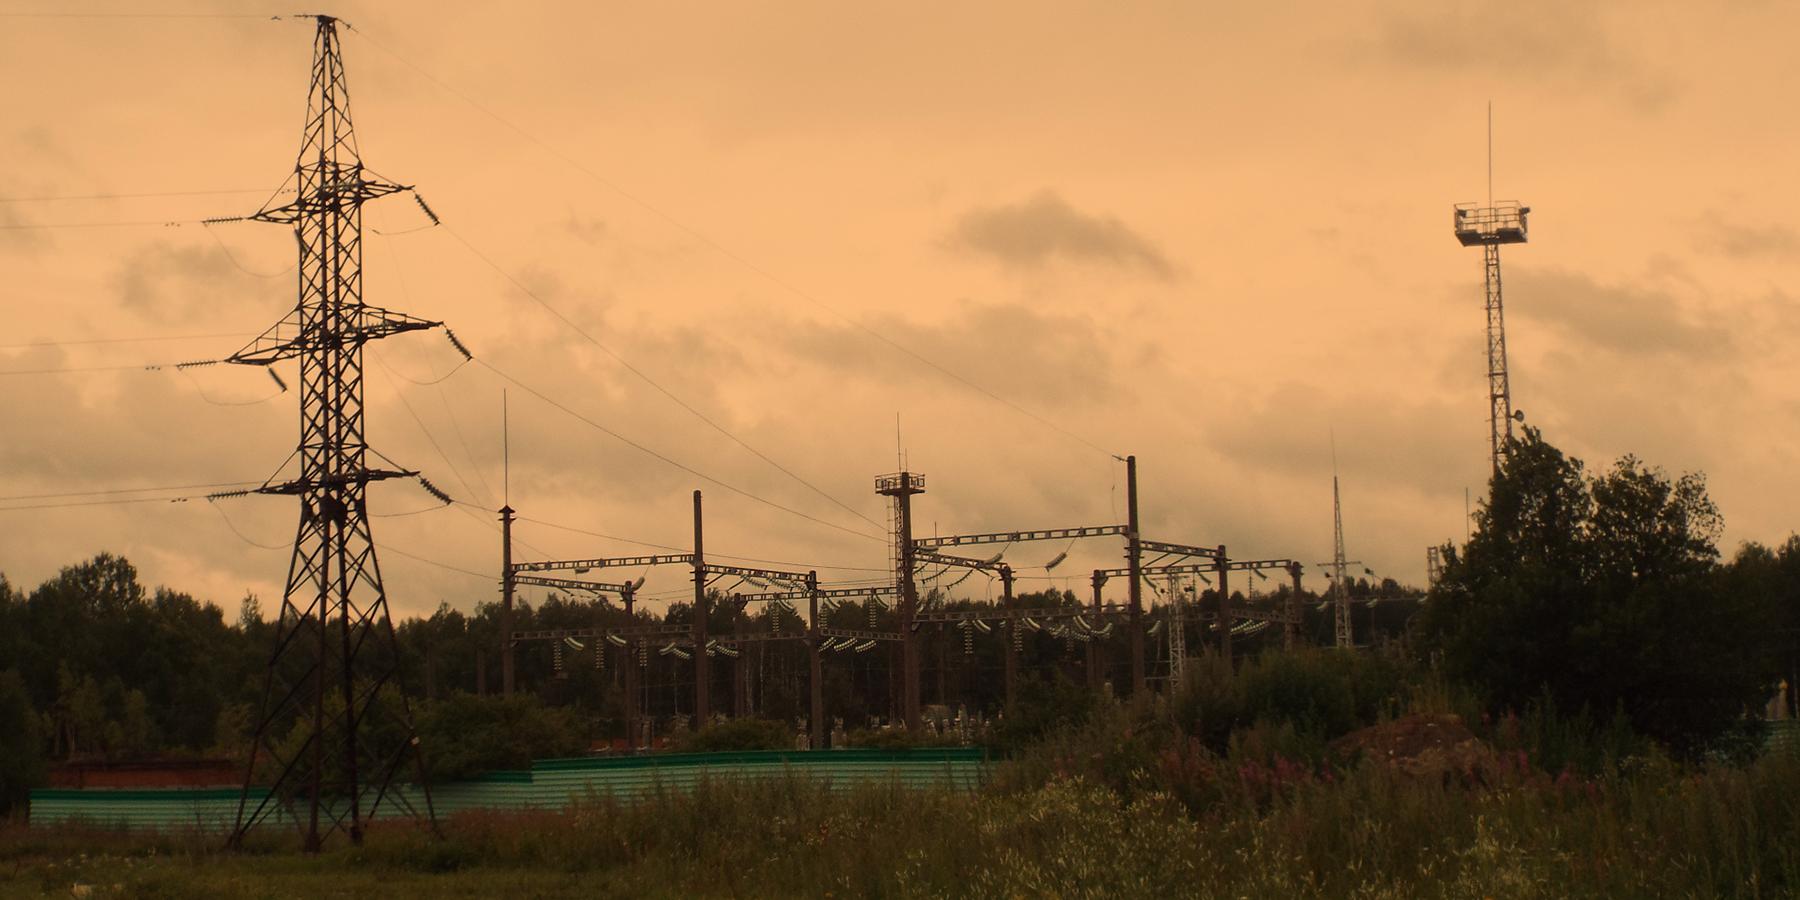 Россети ФСК ЕЭС внедряют системы противоаварийной автоматики на энергообъектах Смоленской области